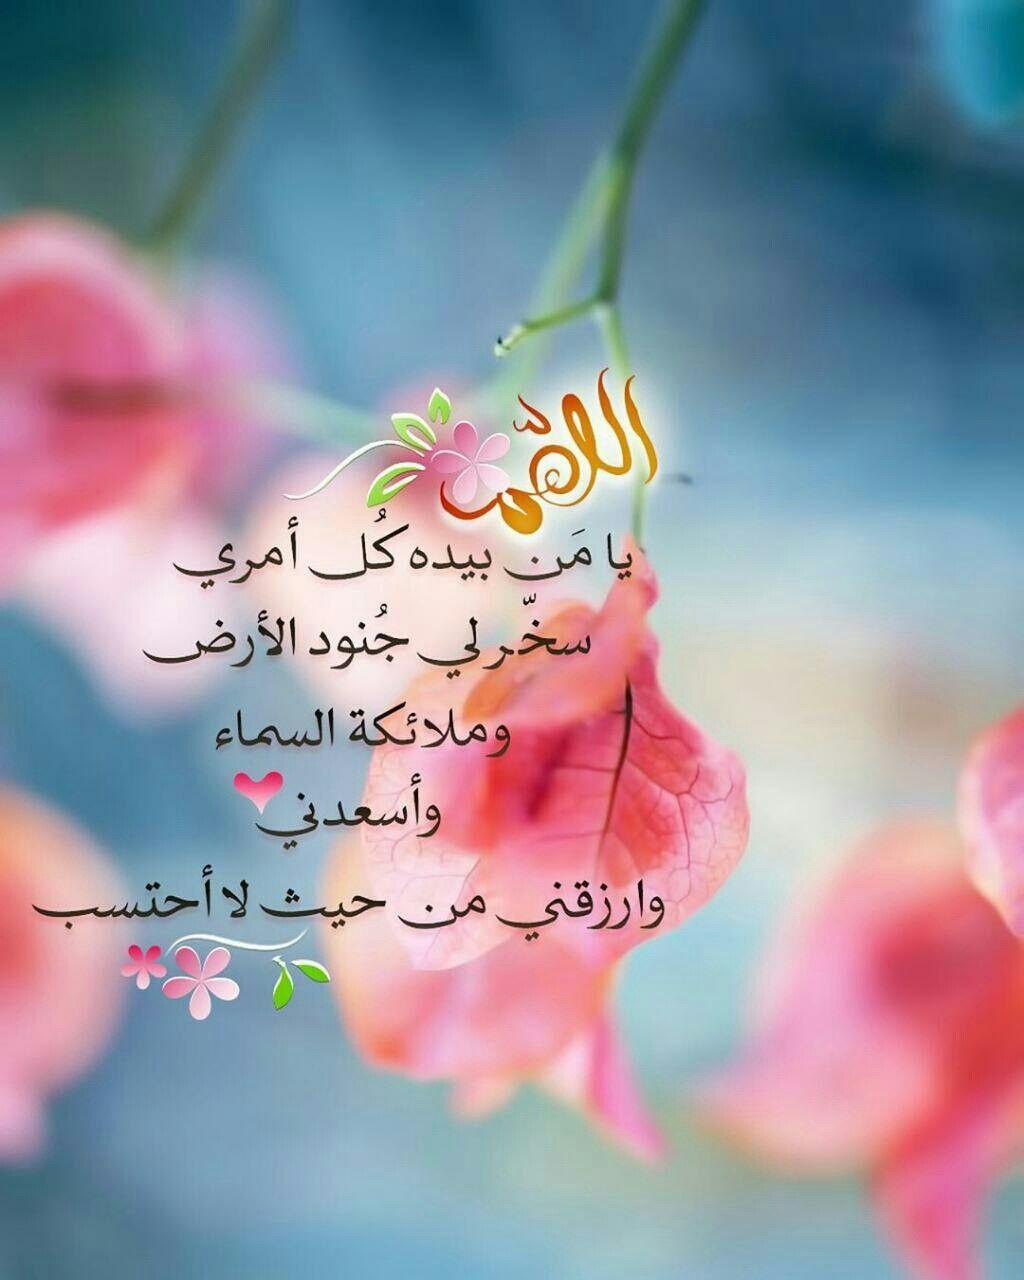 الرجوع الوحيد الذي يجعلنا نتقدم هو الرجوع إلى الله اللهم ردنا إليك ردا جميلا يا رب العالمين Islamic Pictures Dear God Beautiful Moon